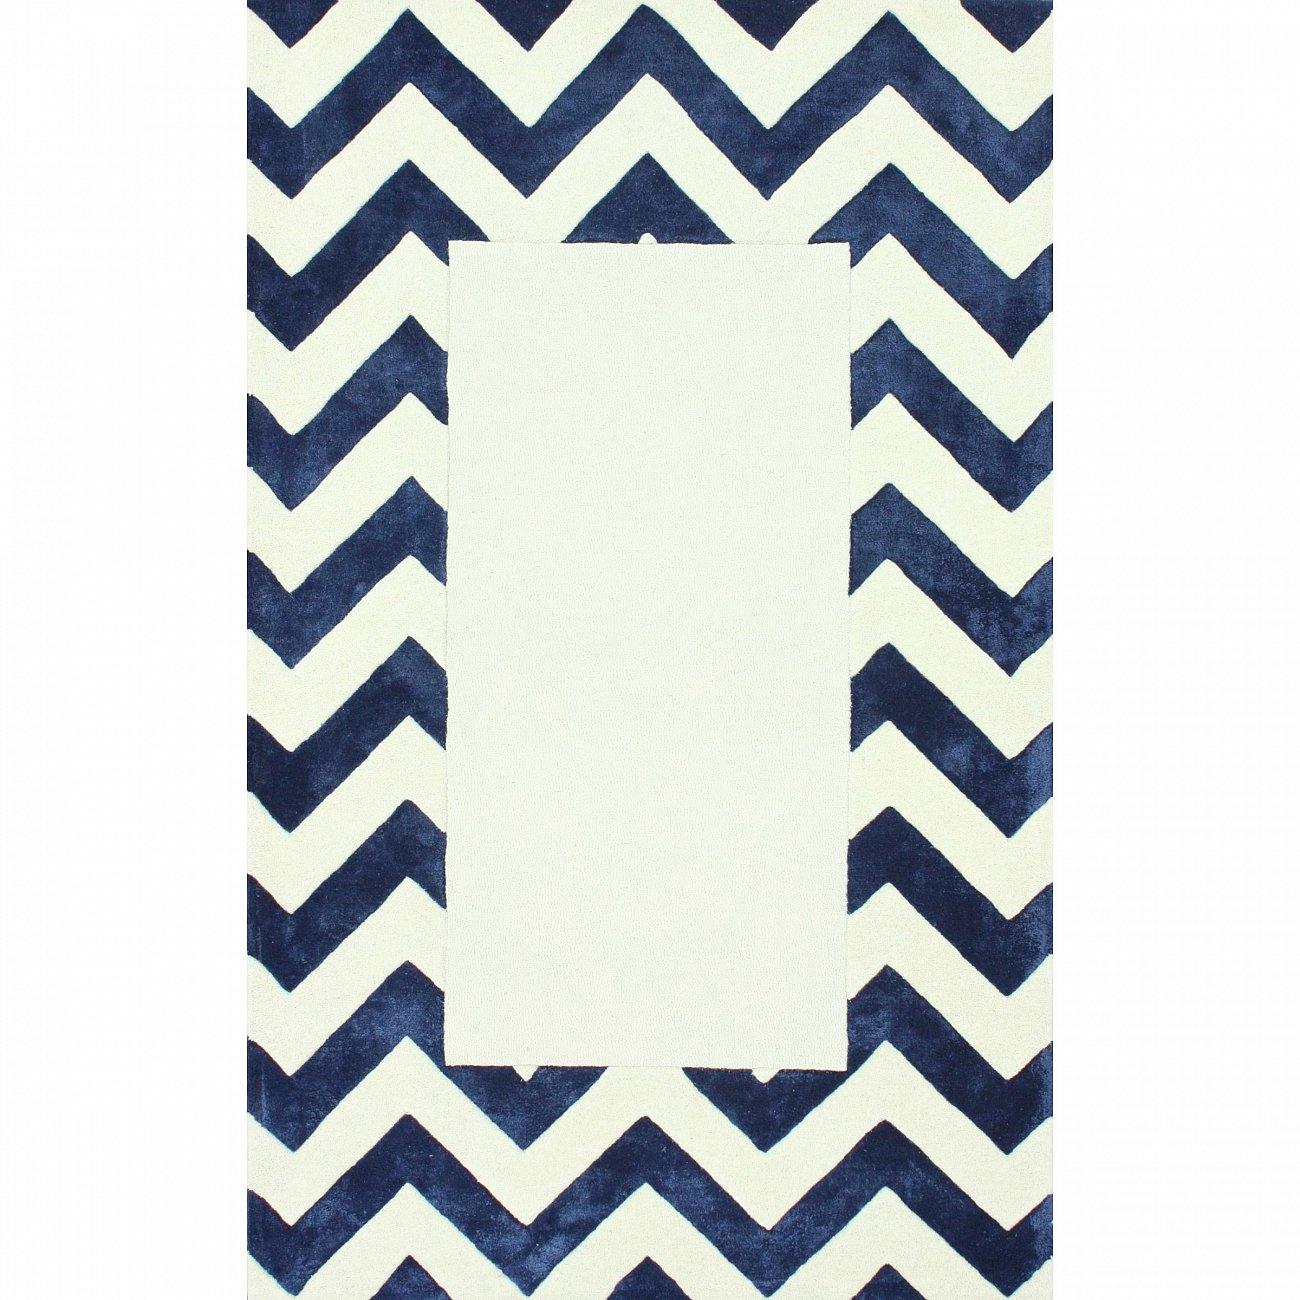 Купить Ковер Zig Zag синий с квадратом 2 2,8 м в интернет магазине дизайнерской мебели и аксессуаров для дома и дачи